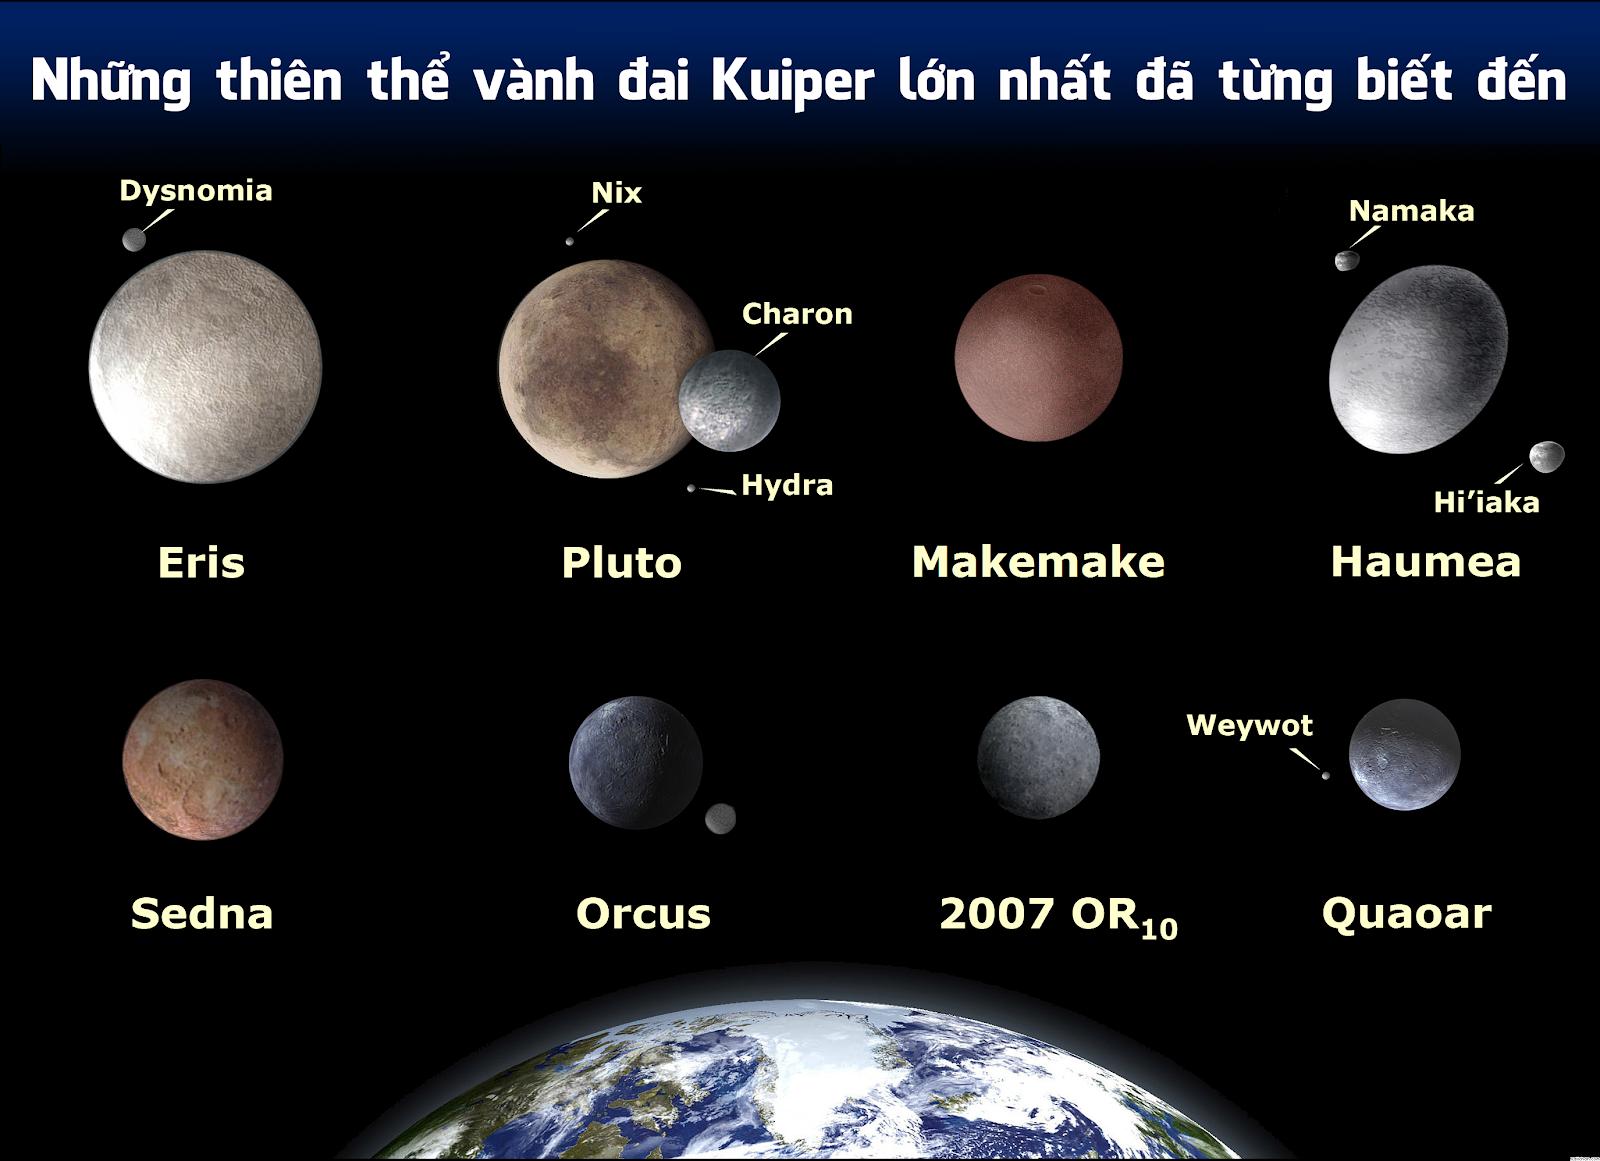 Những thiên thể vành đai Kuiper lớn nhất đã từng biết đến. Việt hóa bởi Ftvh.